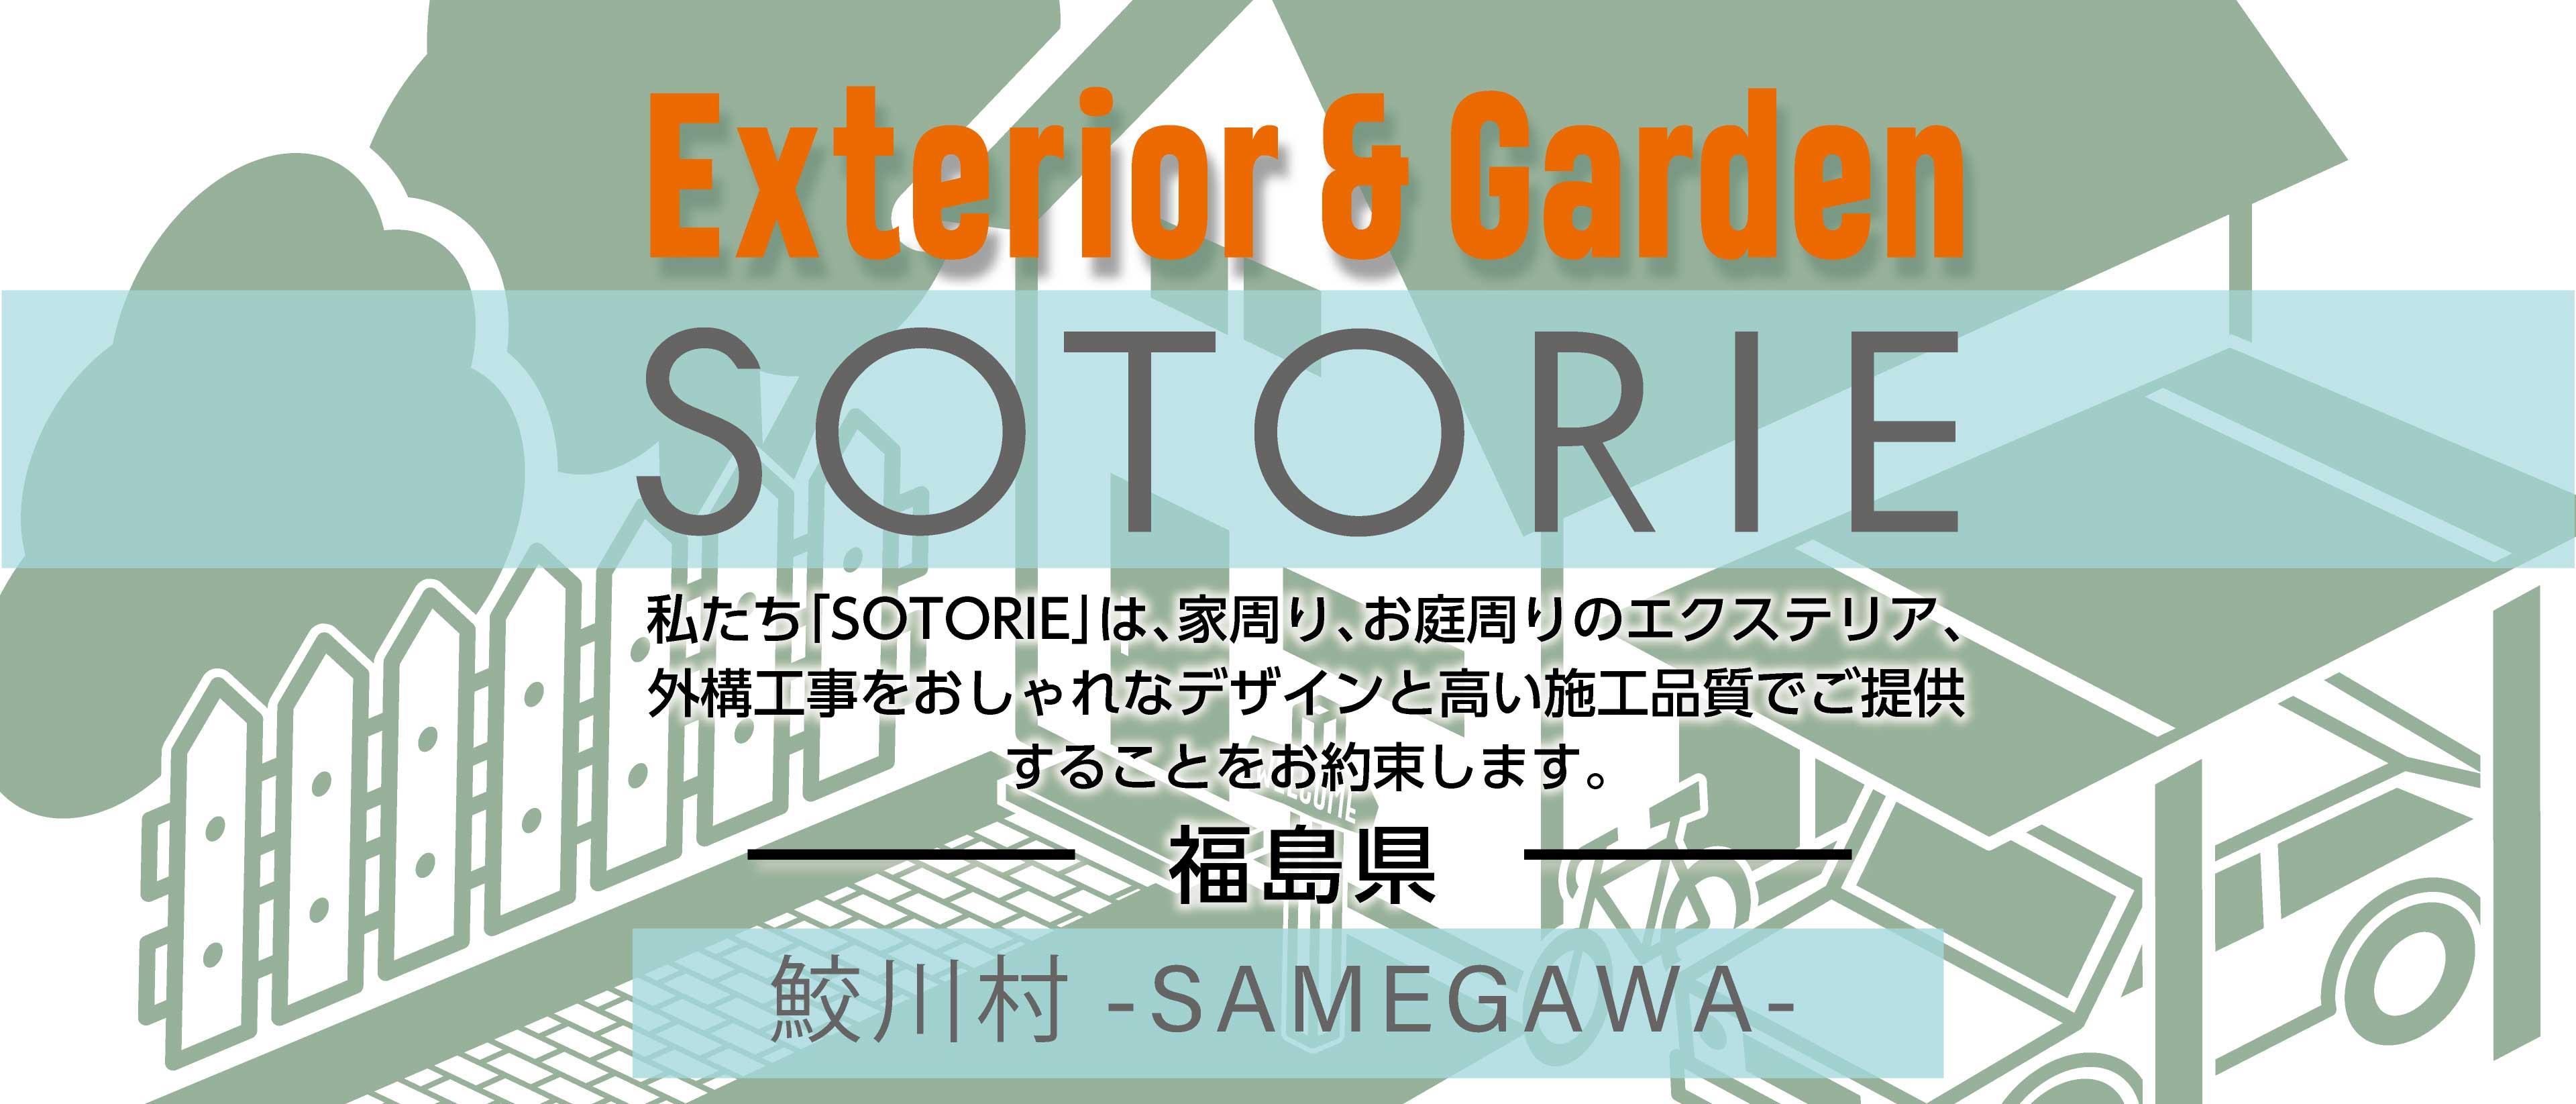 ソトリエ鮫川村では、家周りと庭周りの外構、エクステリア工事をおしゃれなデザインと高い施工品質でご提供することをお約束します。